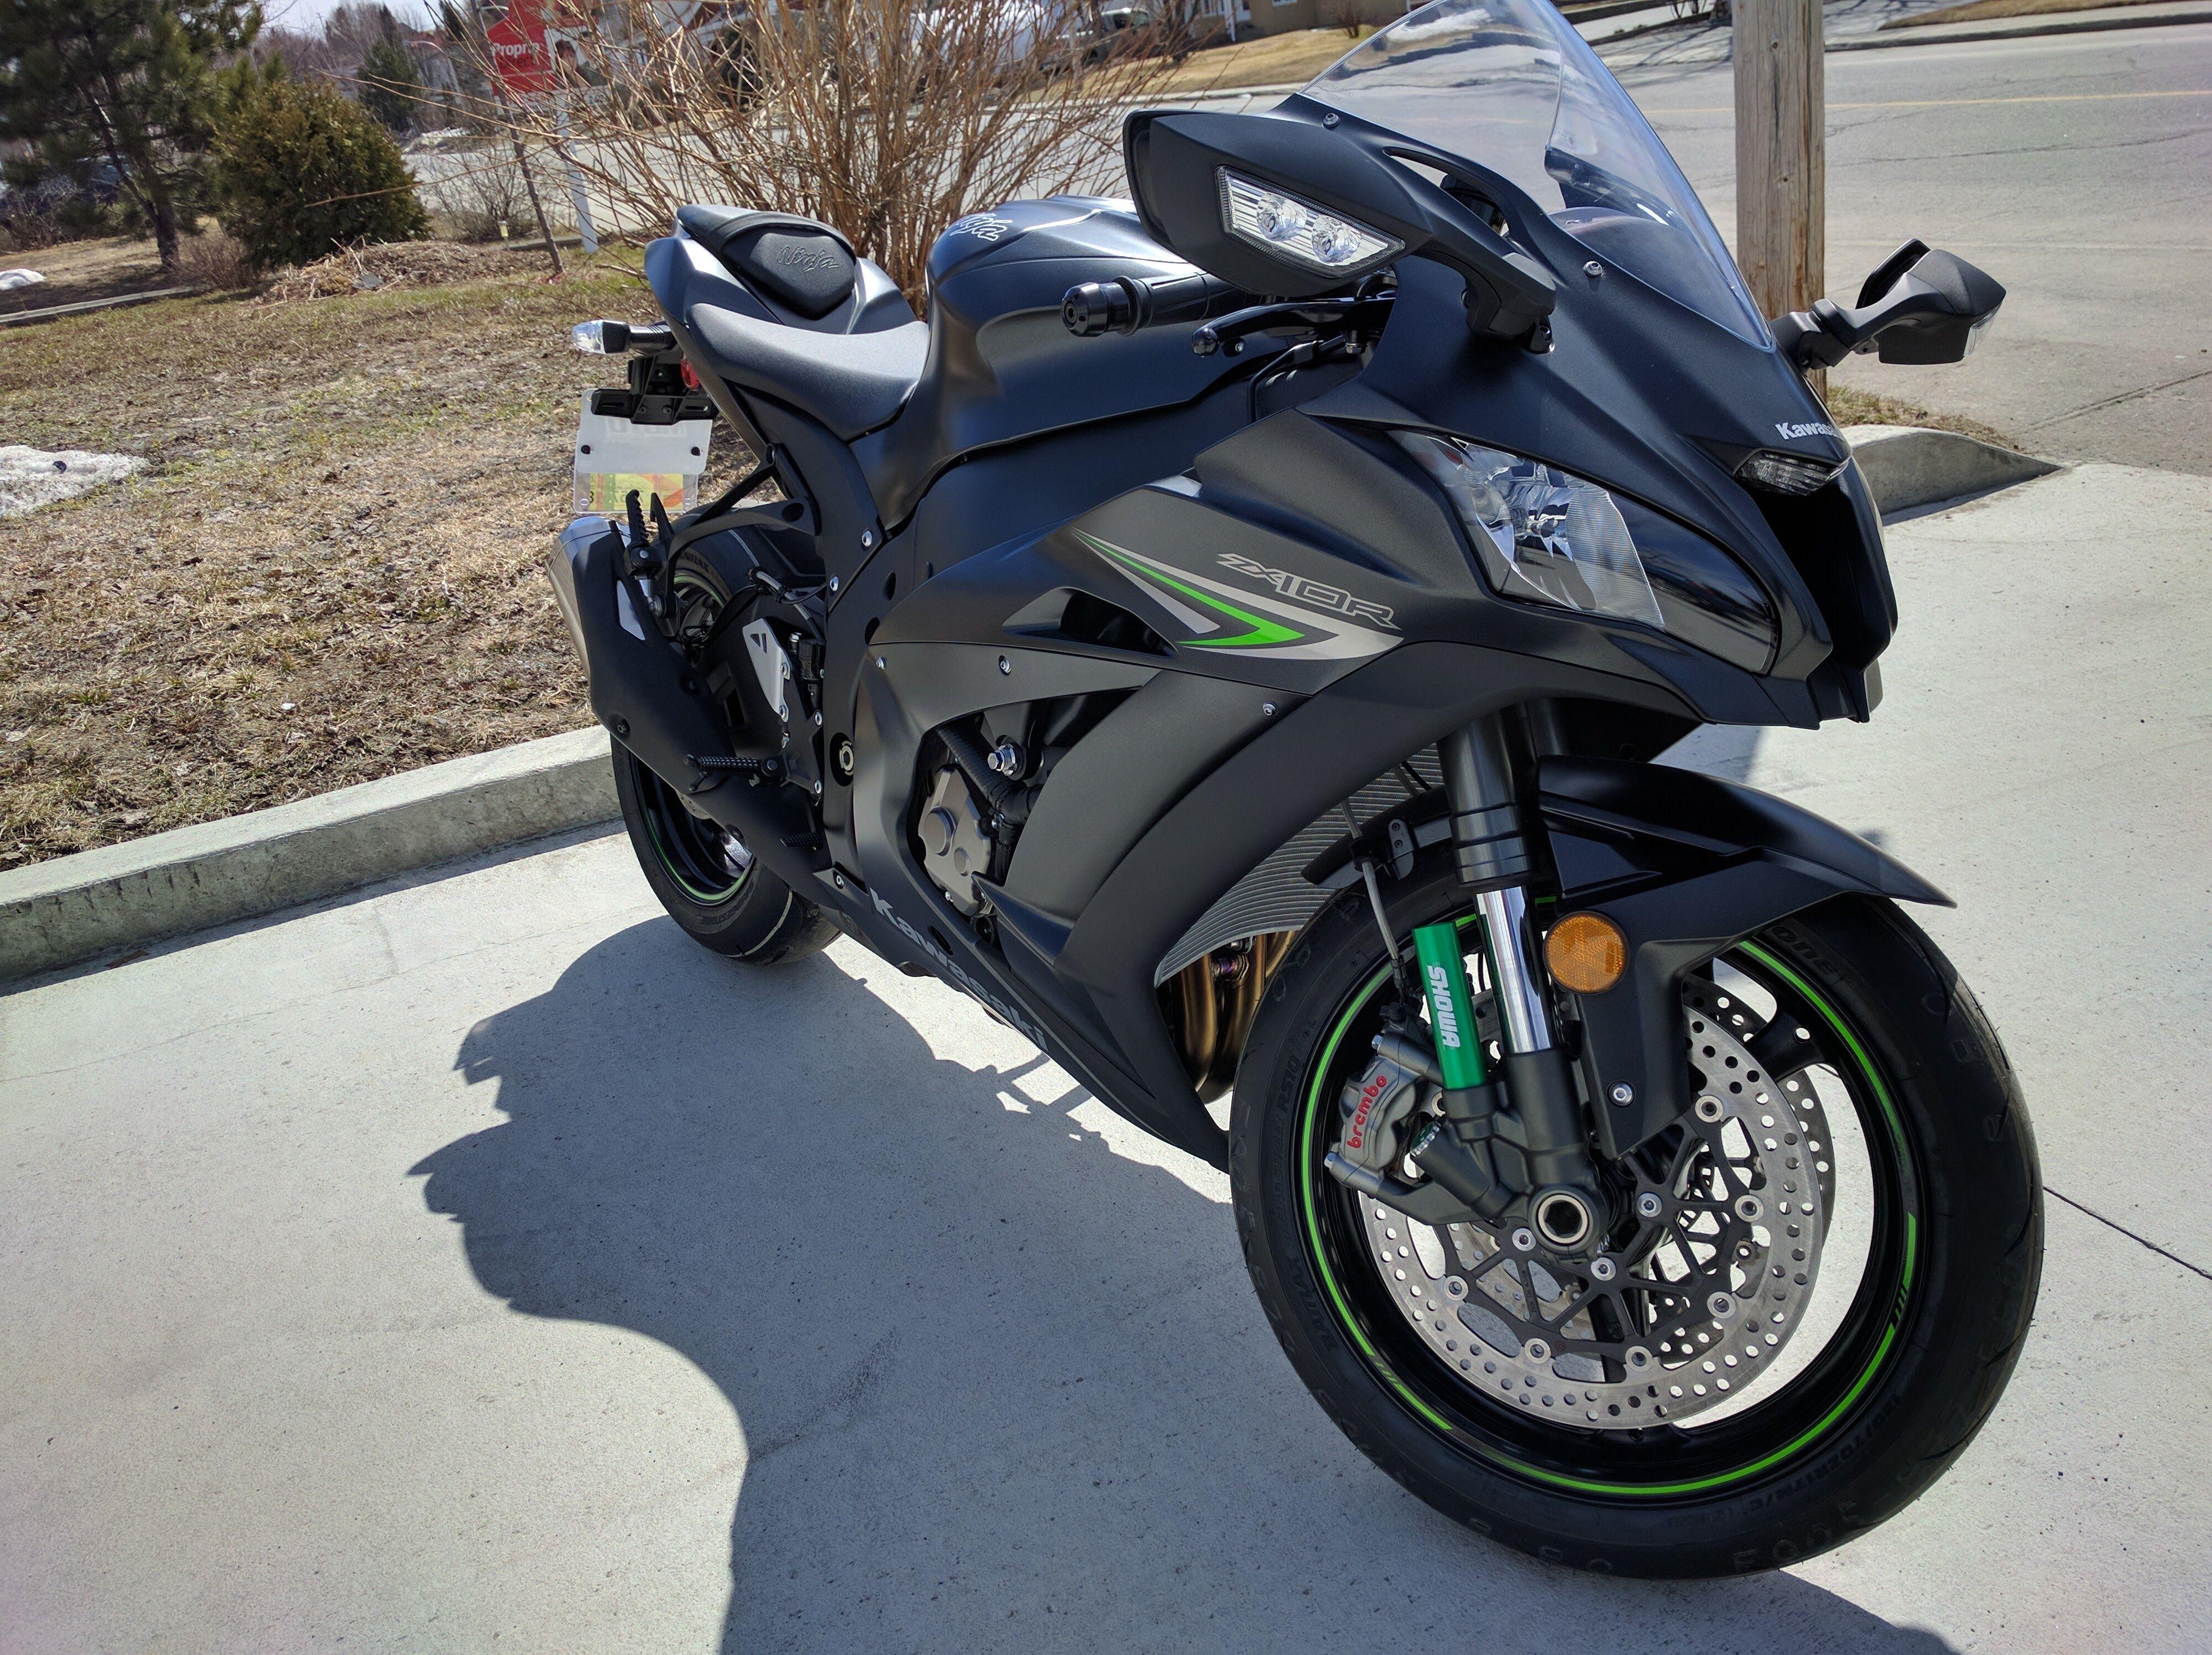 Kawasaki ZX10R Matte Black